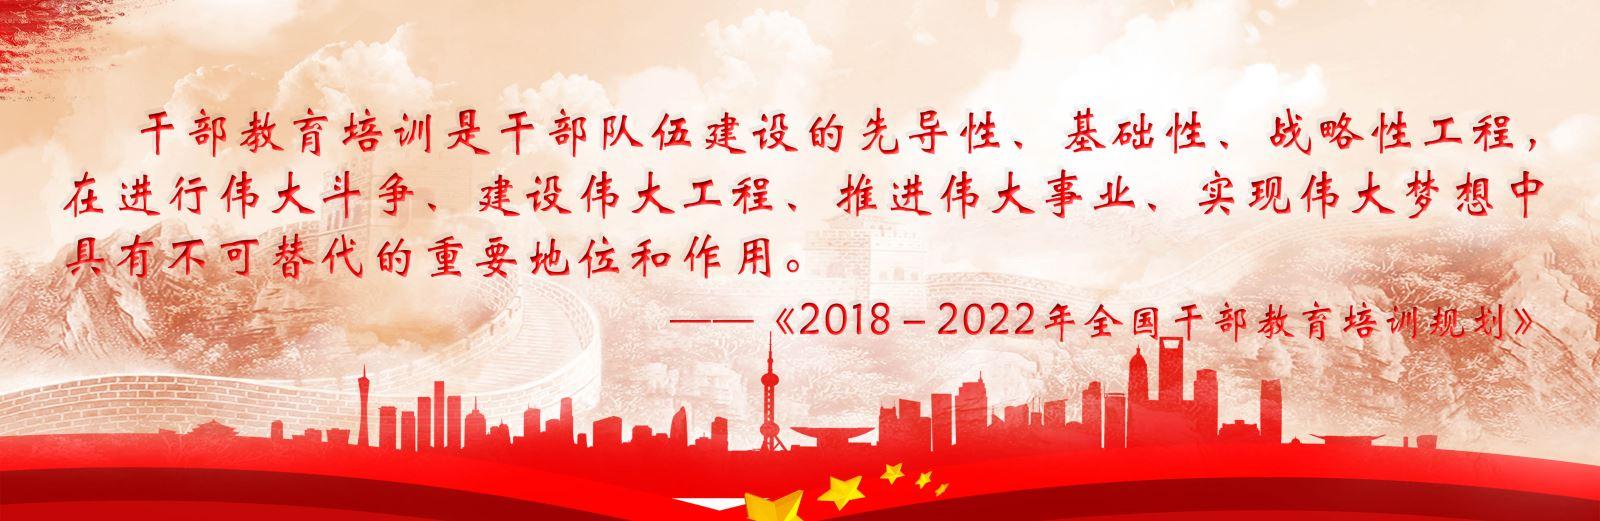 浙江大学党政干部培训-2020年最新课程专题